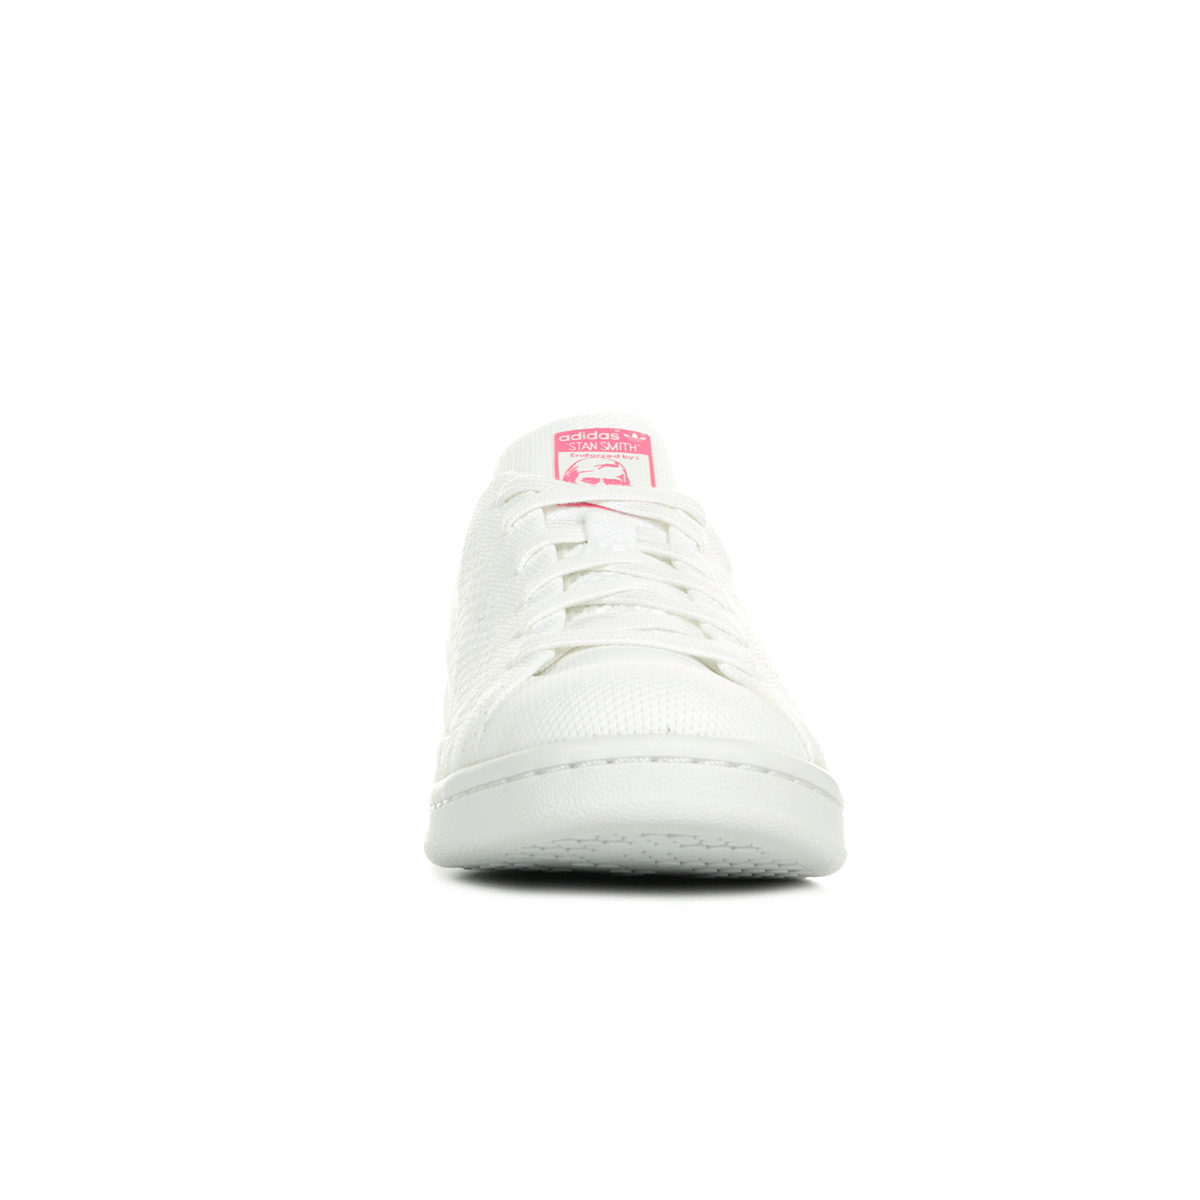 Détails sur Chaussures Baskets adidas femme Stan Smith PK taille Blanc Blanche Textile